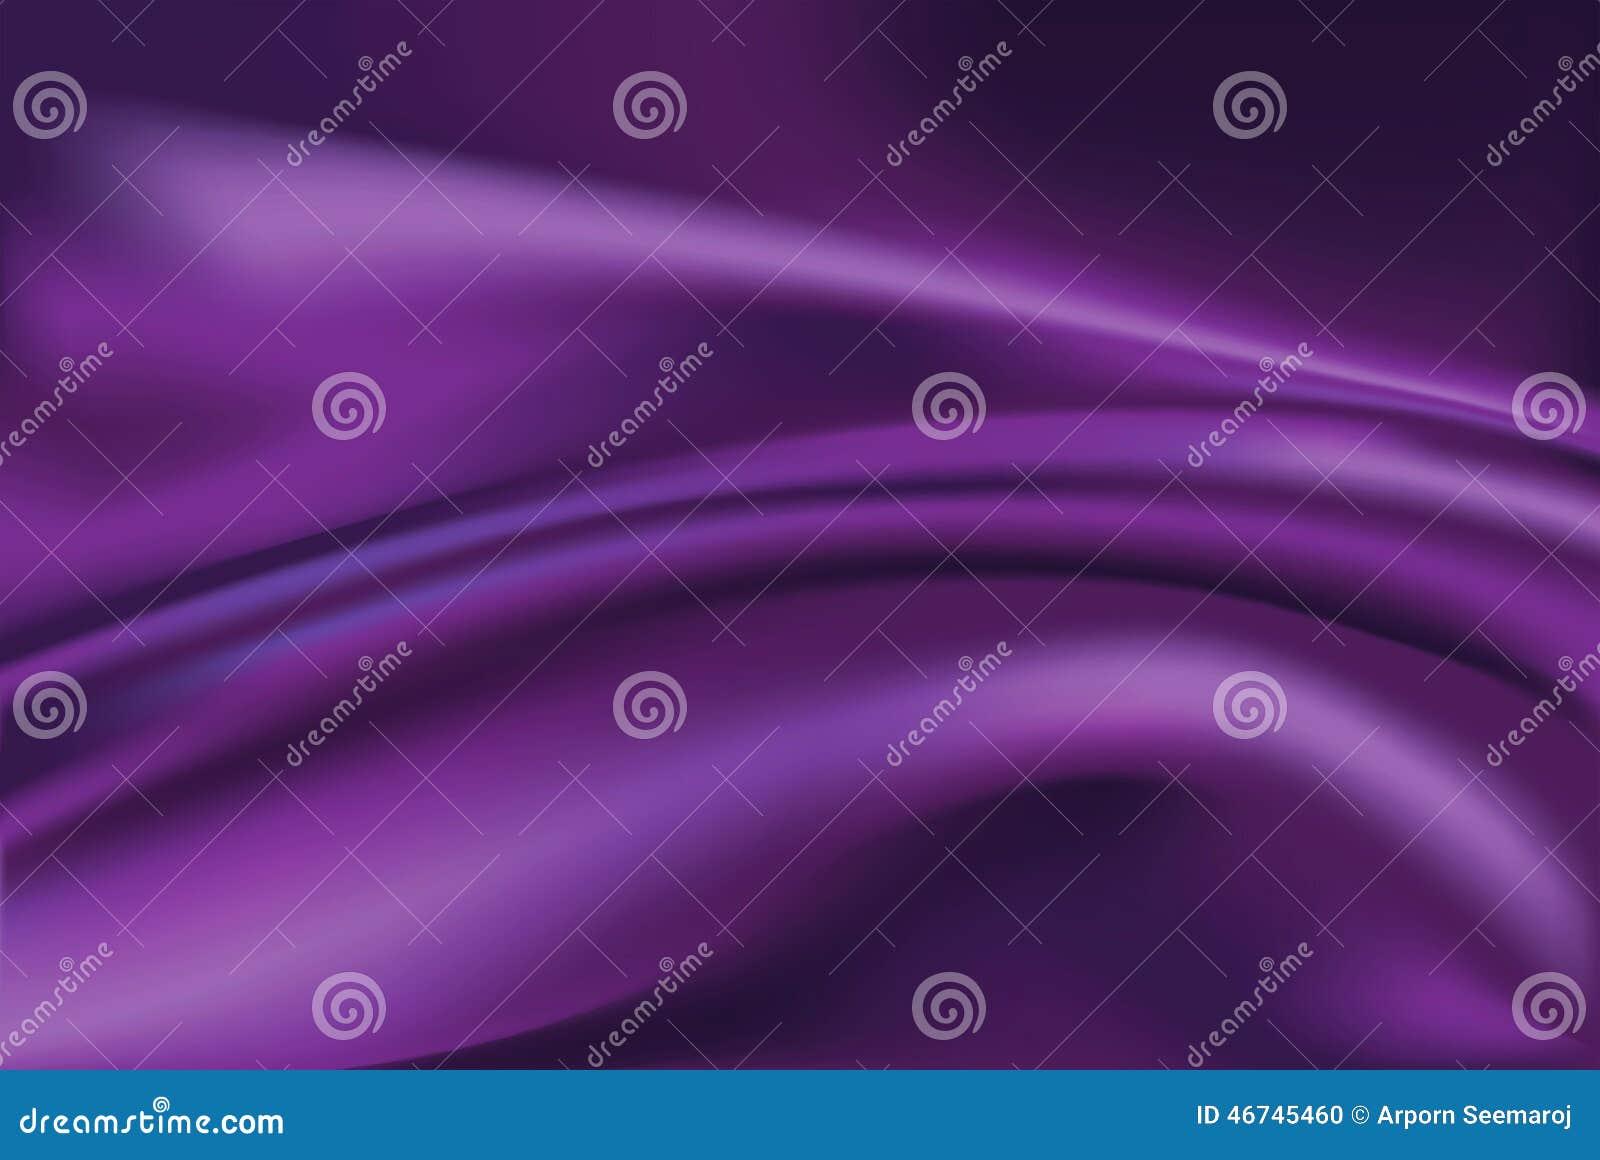 Vektor av violett bakgrund för siden- tyg